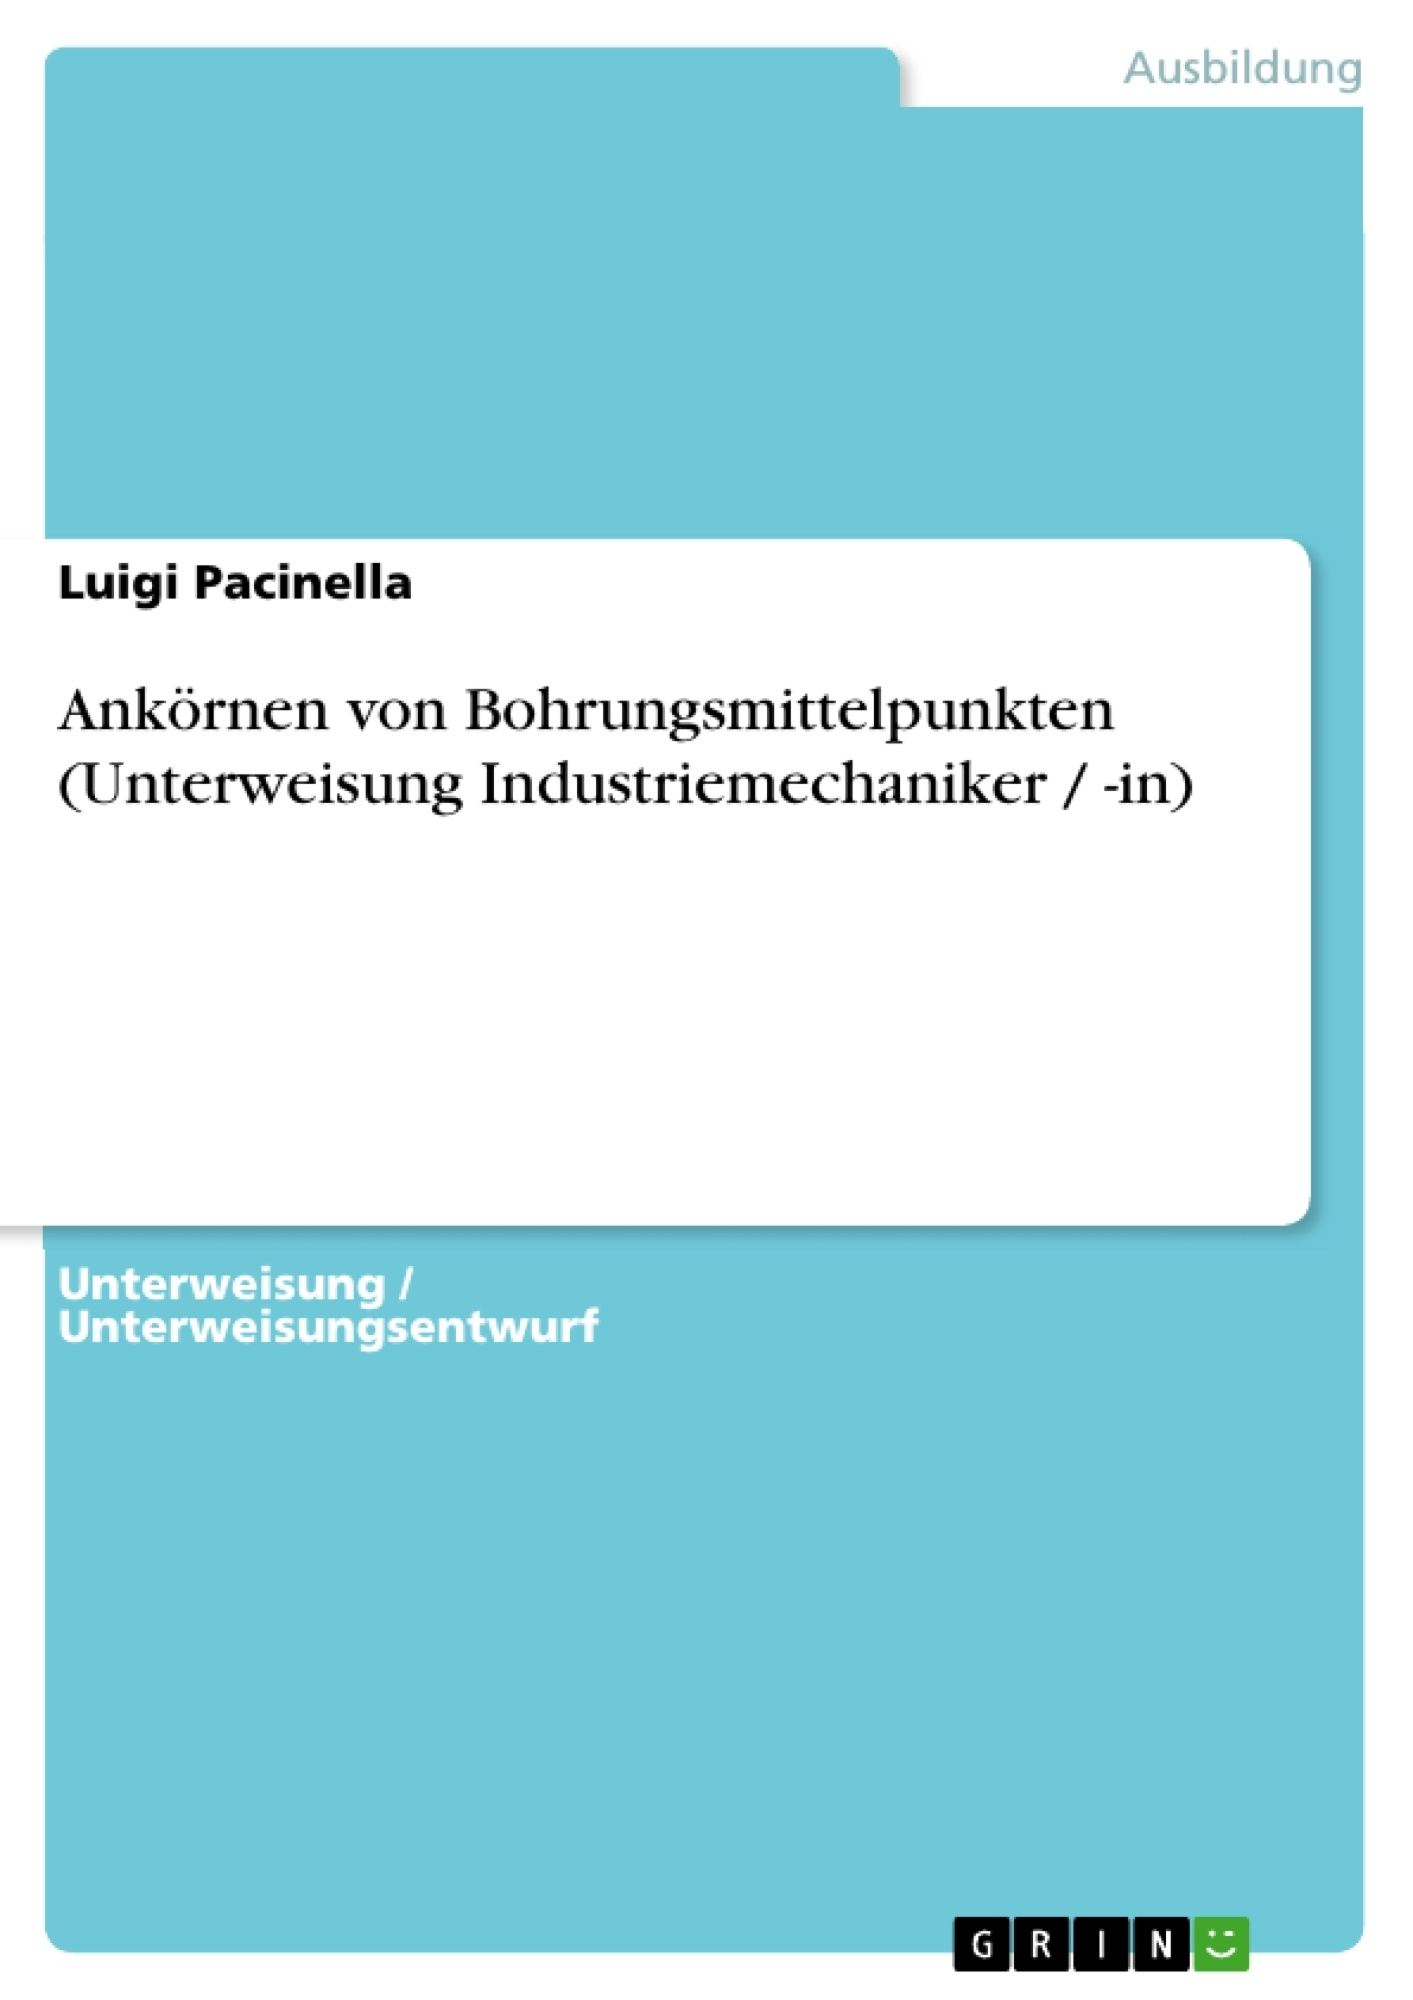 Titel: Ankörnen von Bohrungsmittelpunkten (Unterweisung Industriemechaniker / -in)